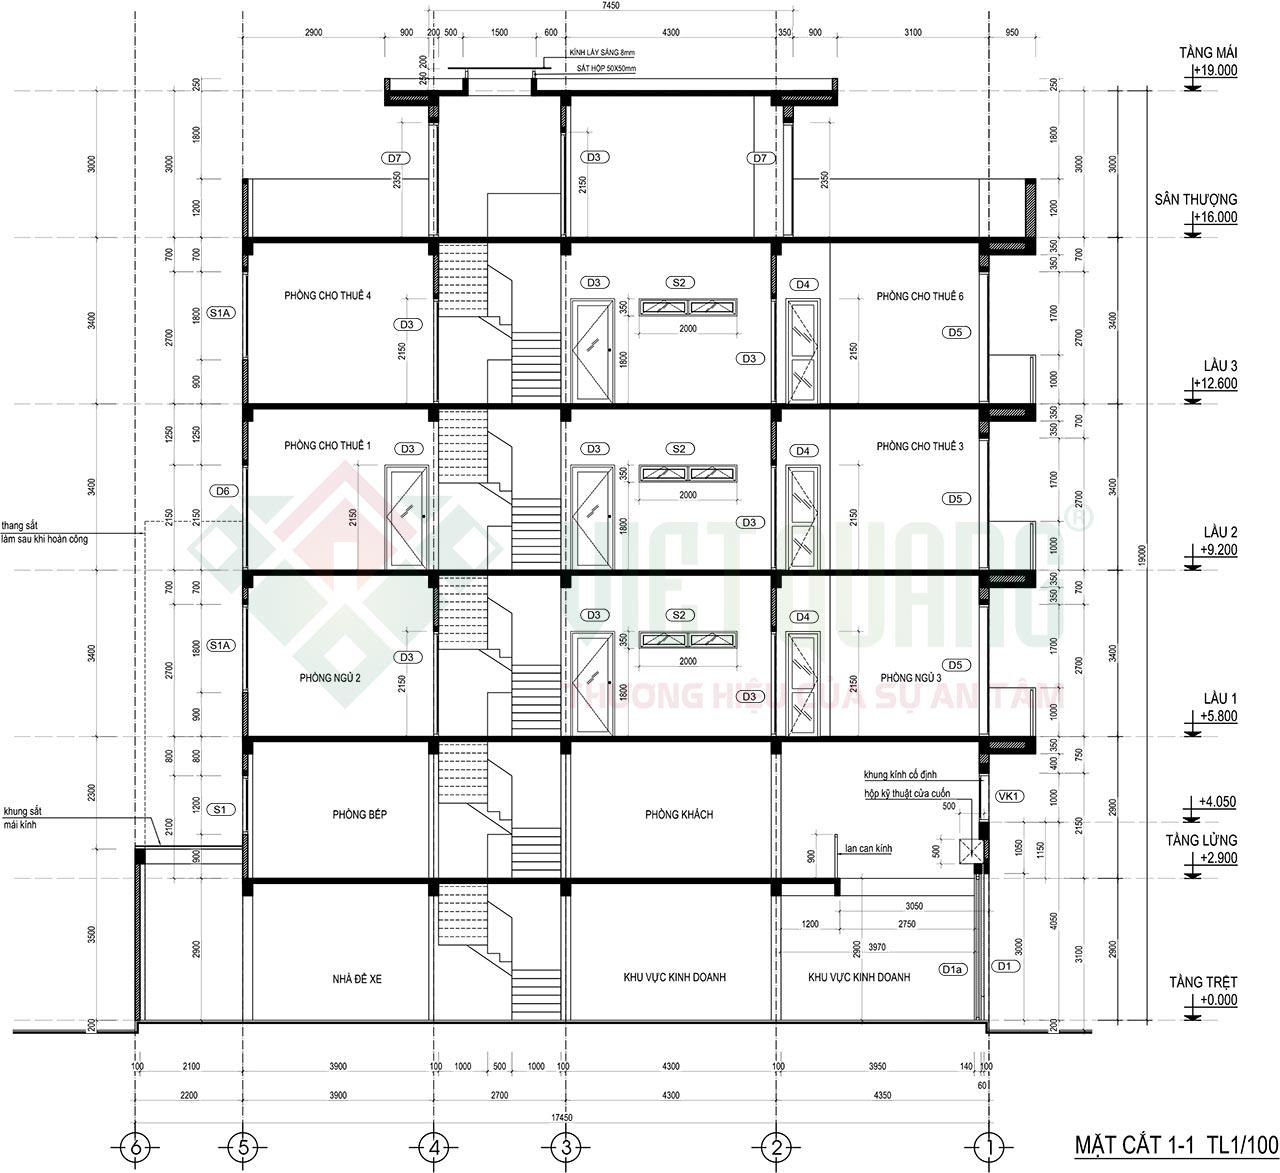 Mặt cắt dọc ngôi nhà phố 4 tầng 1 lửng diện tích 4x17.5m